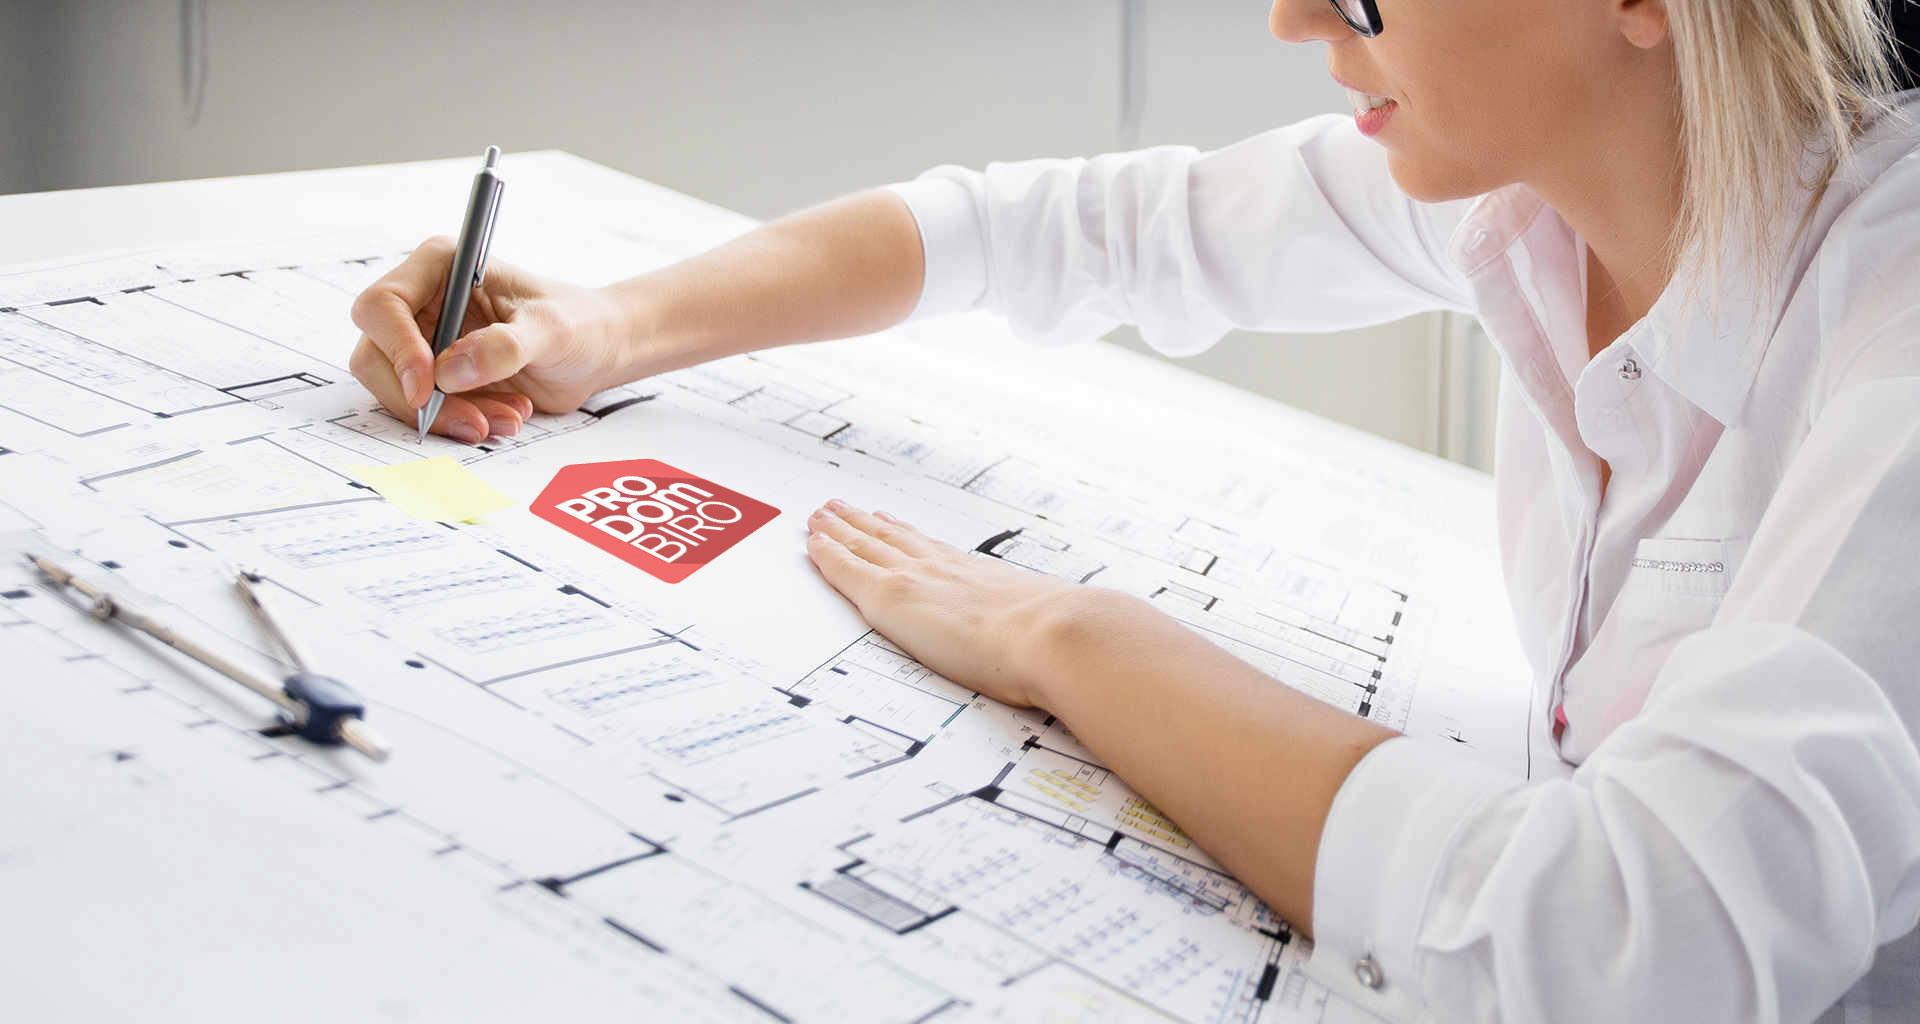 Iščete arhitekta? Pomagali vam bomo najti pravega arhitekta za vaš projekt